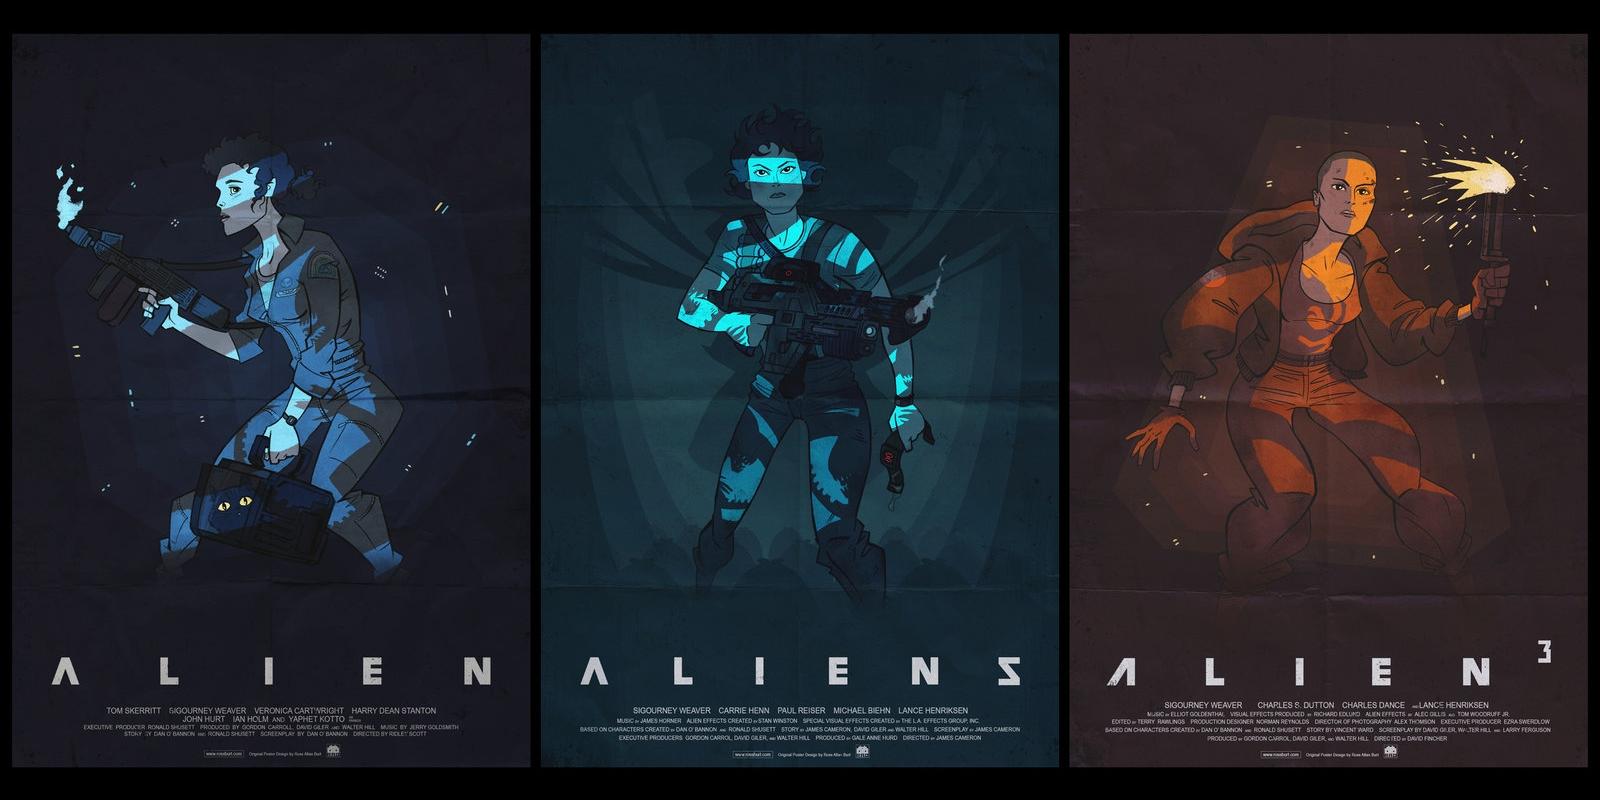 Alien Computer Wallpapers Desktop Backgrounds 1600x800 ID399287 1600x800